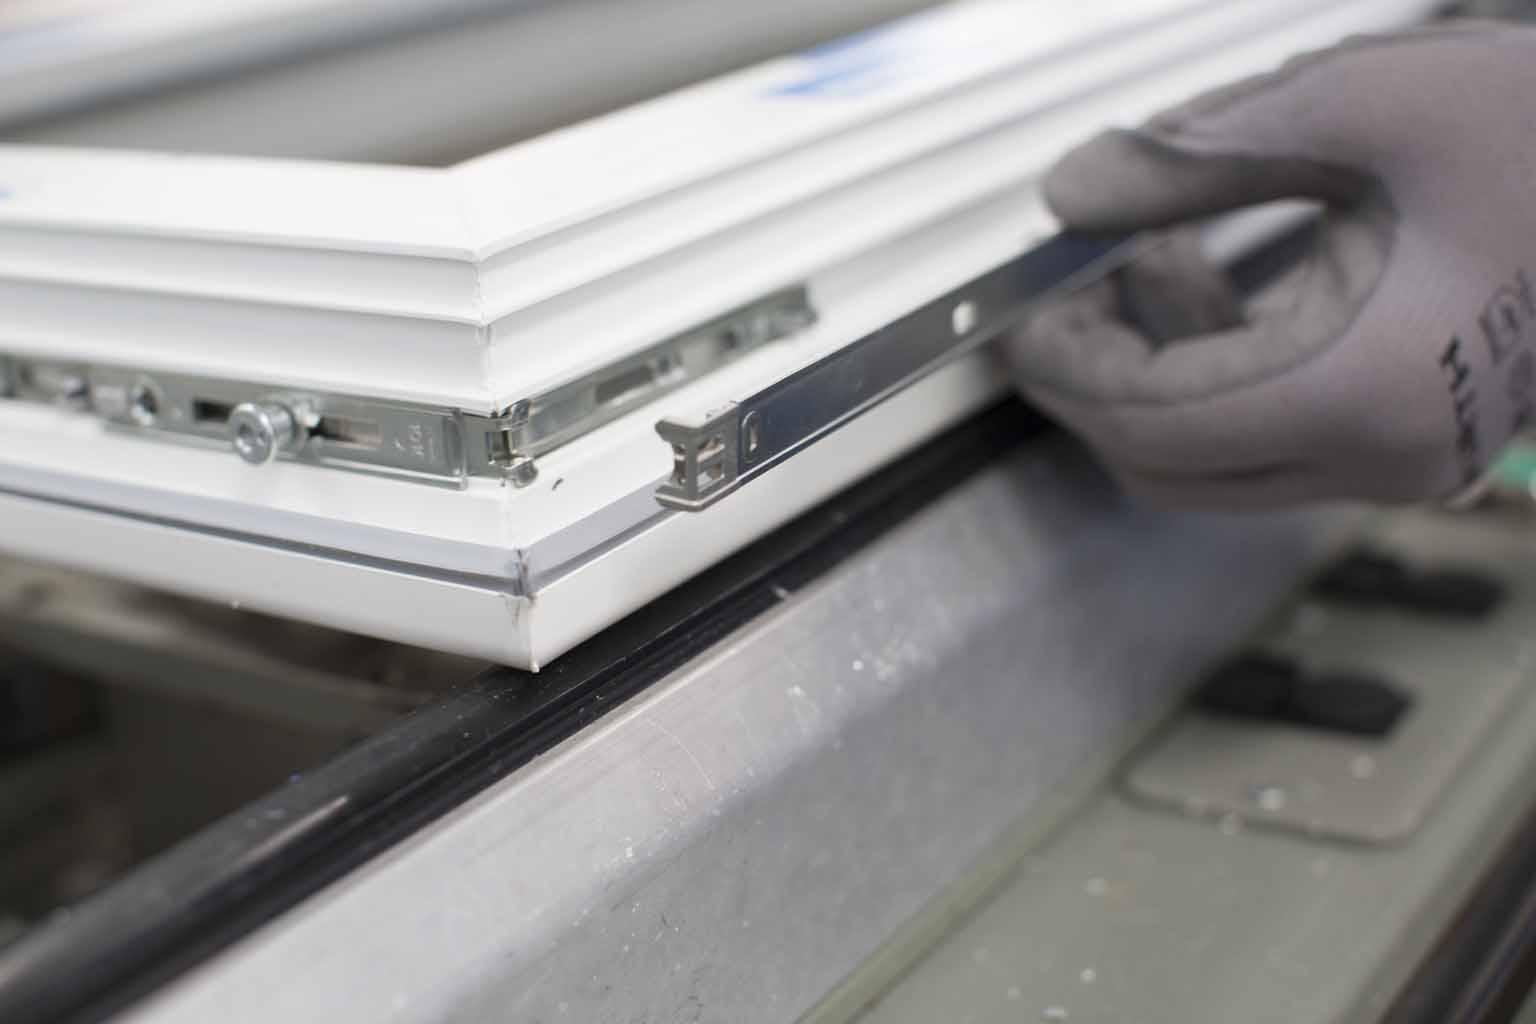 Serramenti Pvc O Alluminio Opinioni serramenti: quale materiale scegliere tra pvc e alluminio